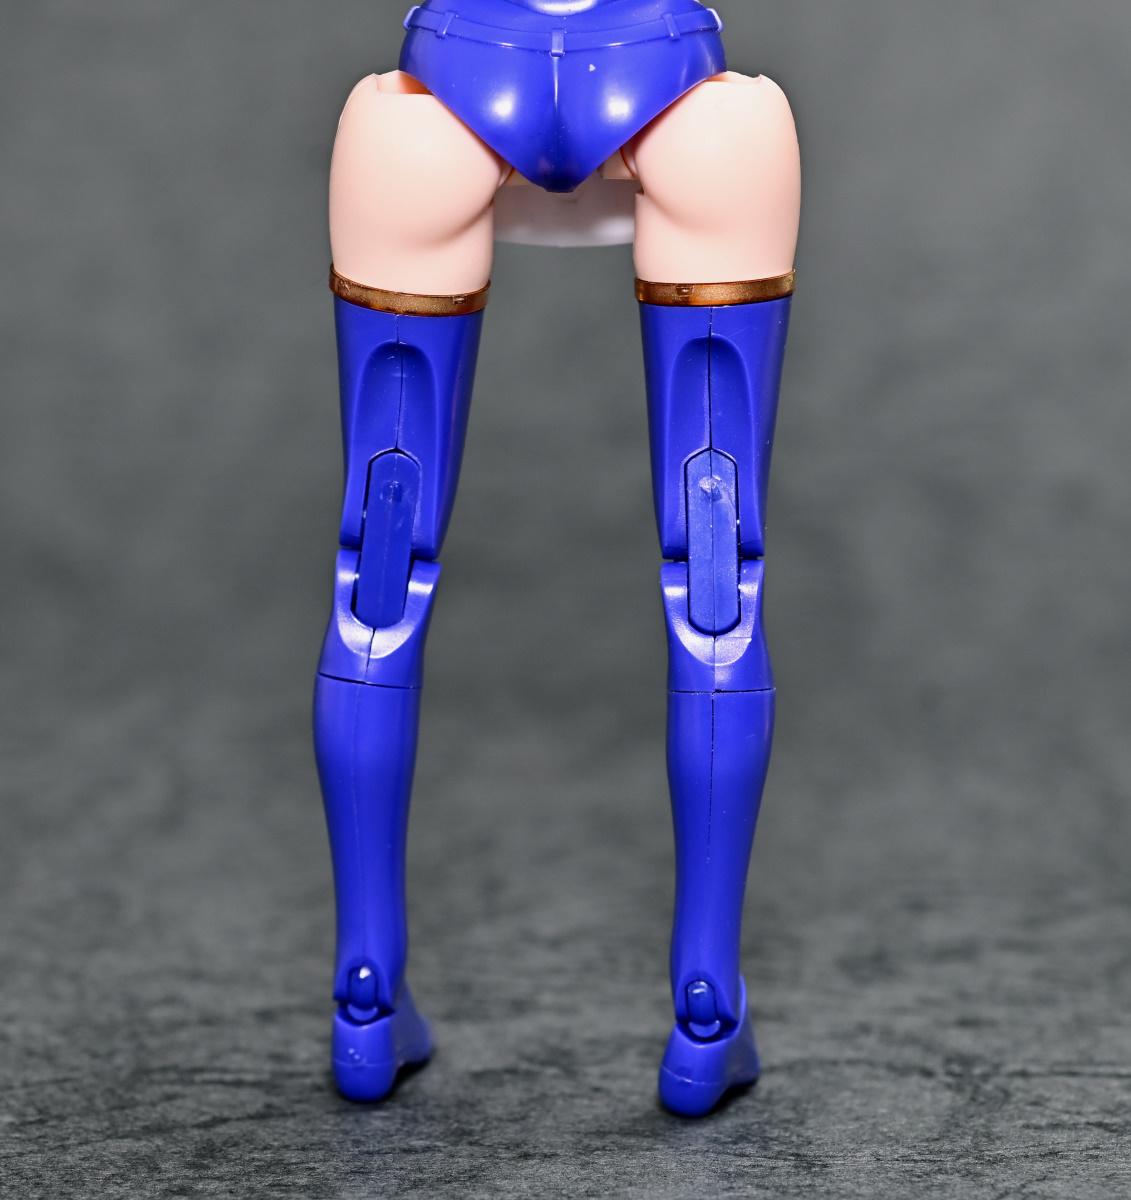 f:id:aokami:20210307140504j:plain